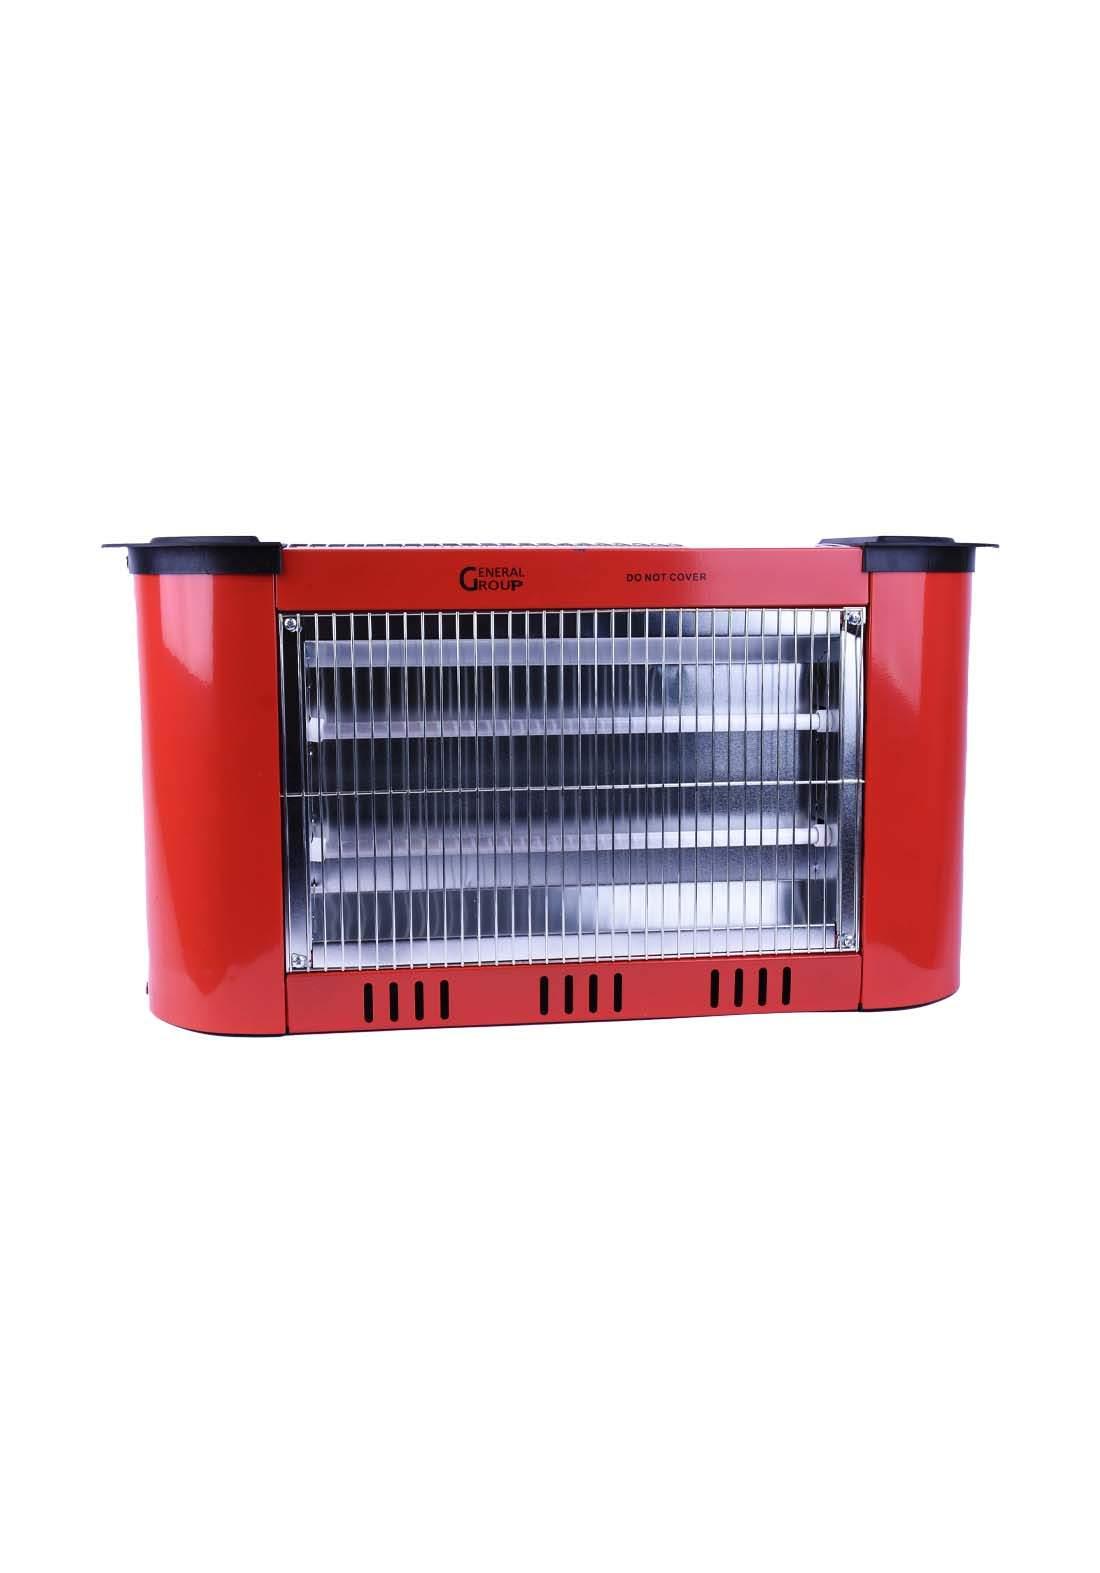 احمر اللون General Group G-Q1227s مدفئة كهربائية من